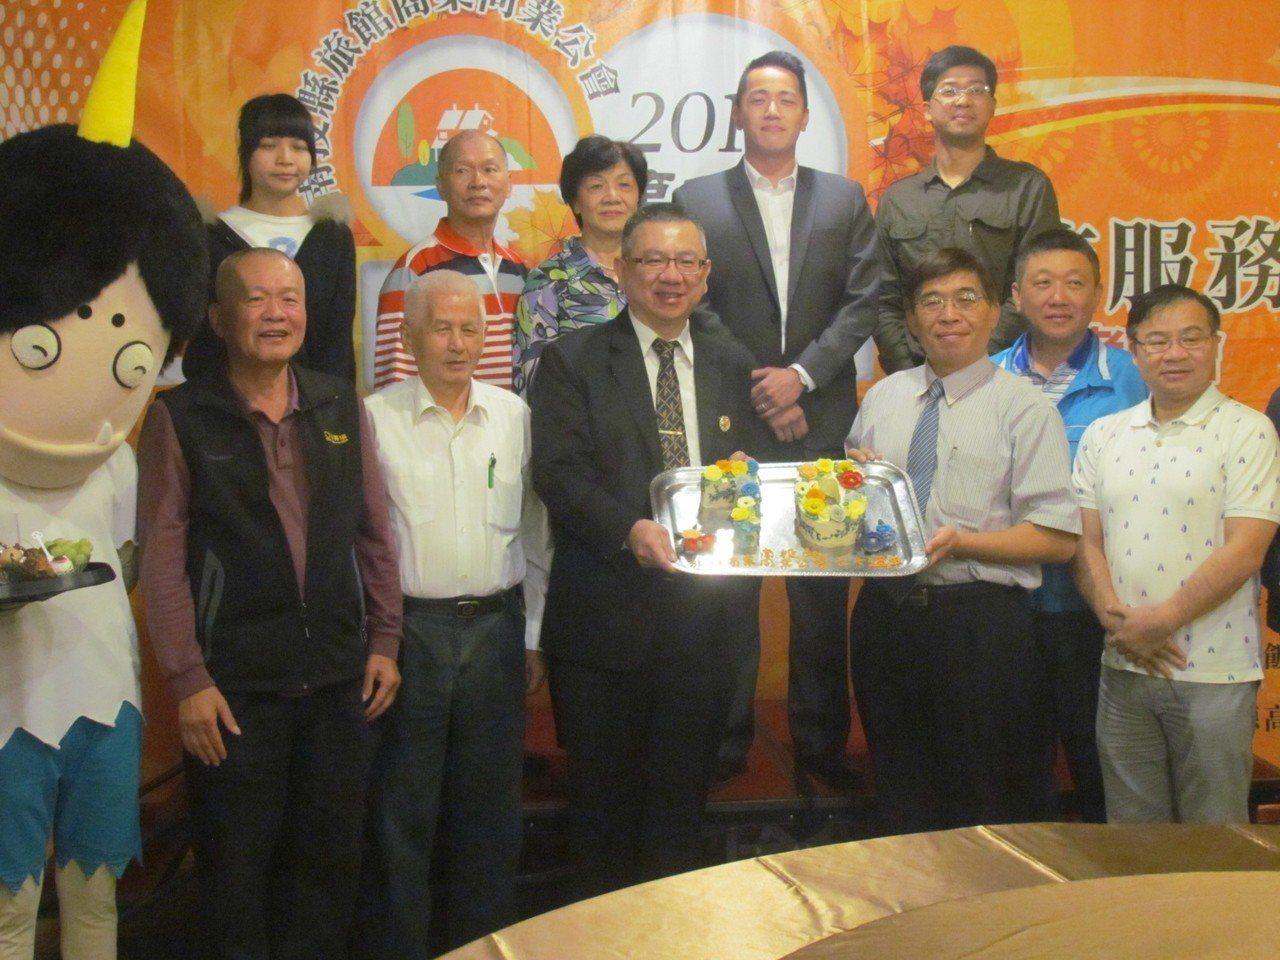 南投縣旅館商業同業公會今天慶祝成立70周年。記者張家樂/攝影